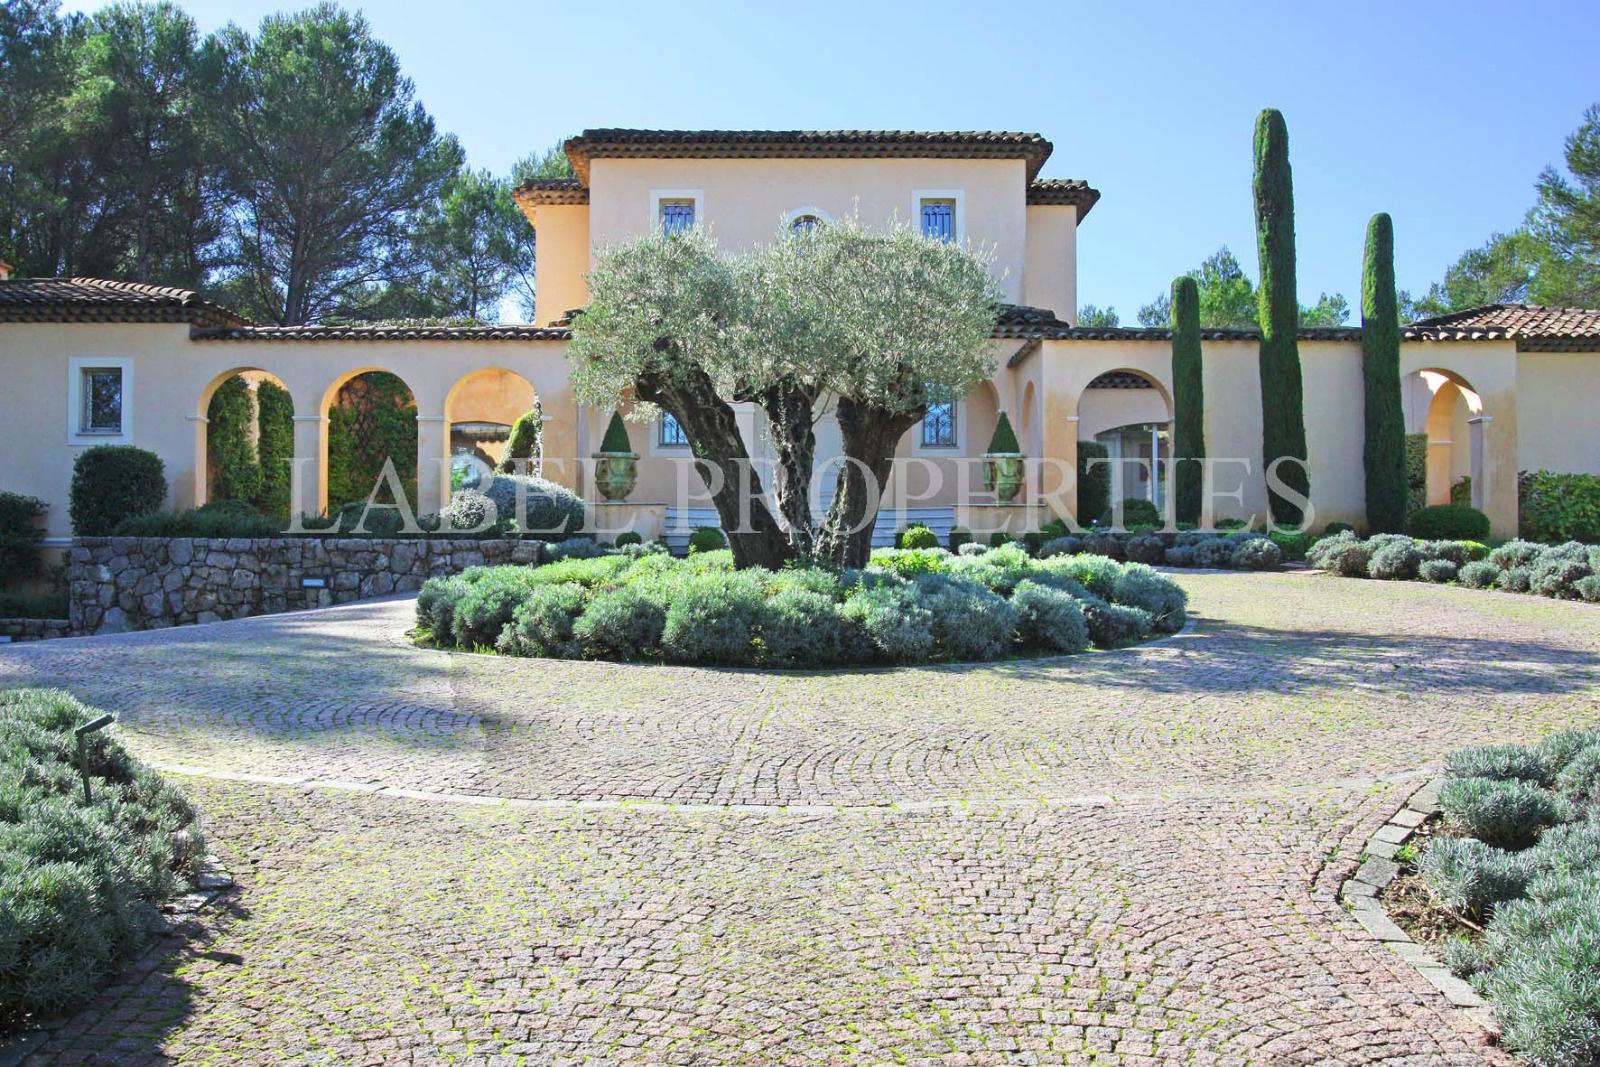 Offres locations vacances propri t s et villas mougins for Acheter maison mougins